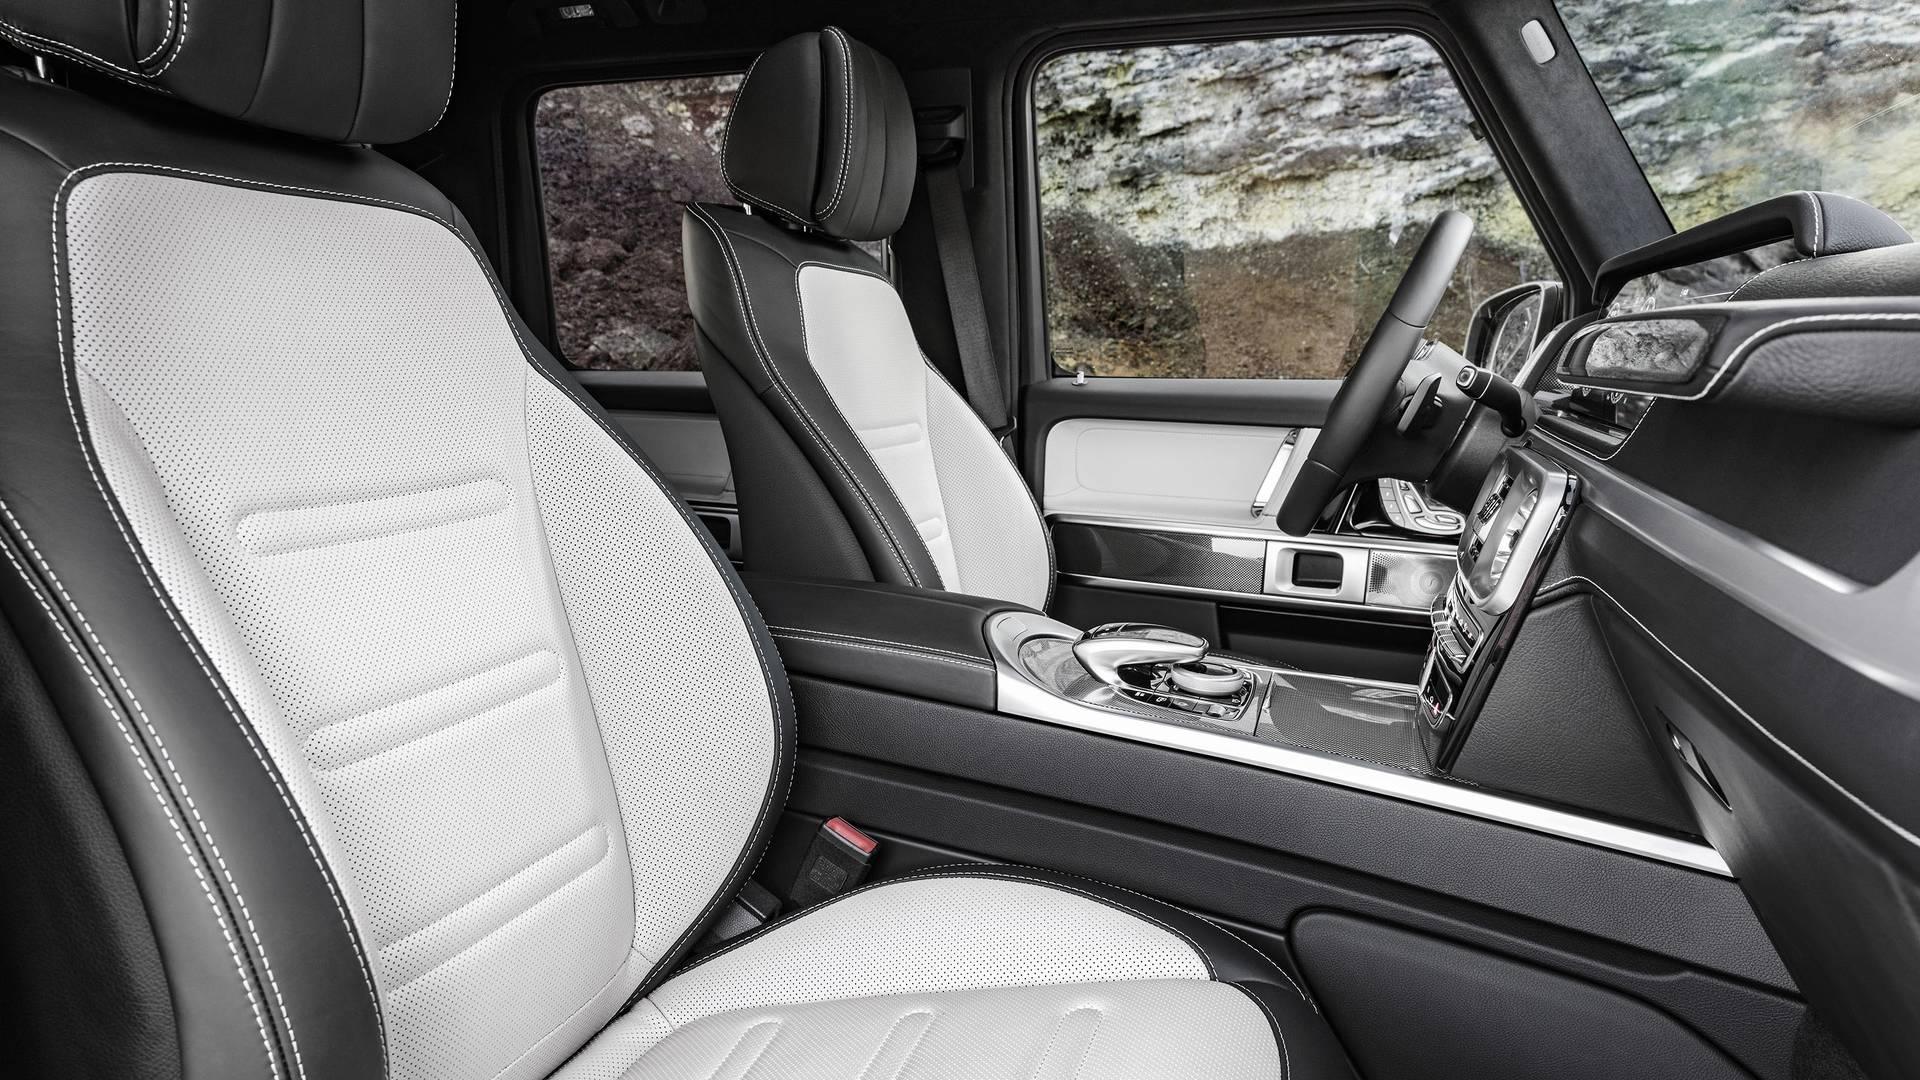 2019-mercedes-benz-g-class-interior (3).jpg